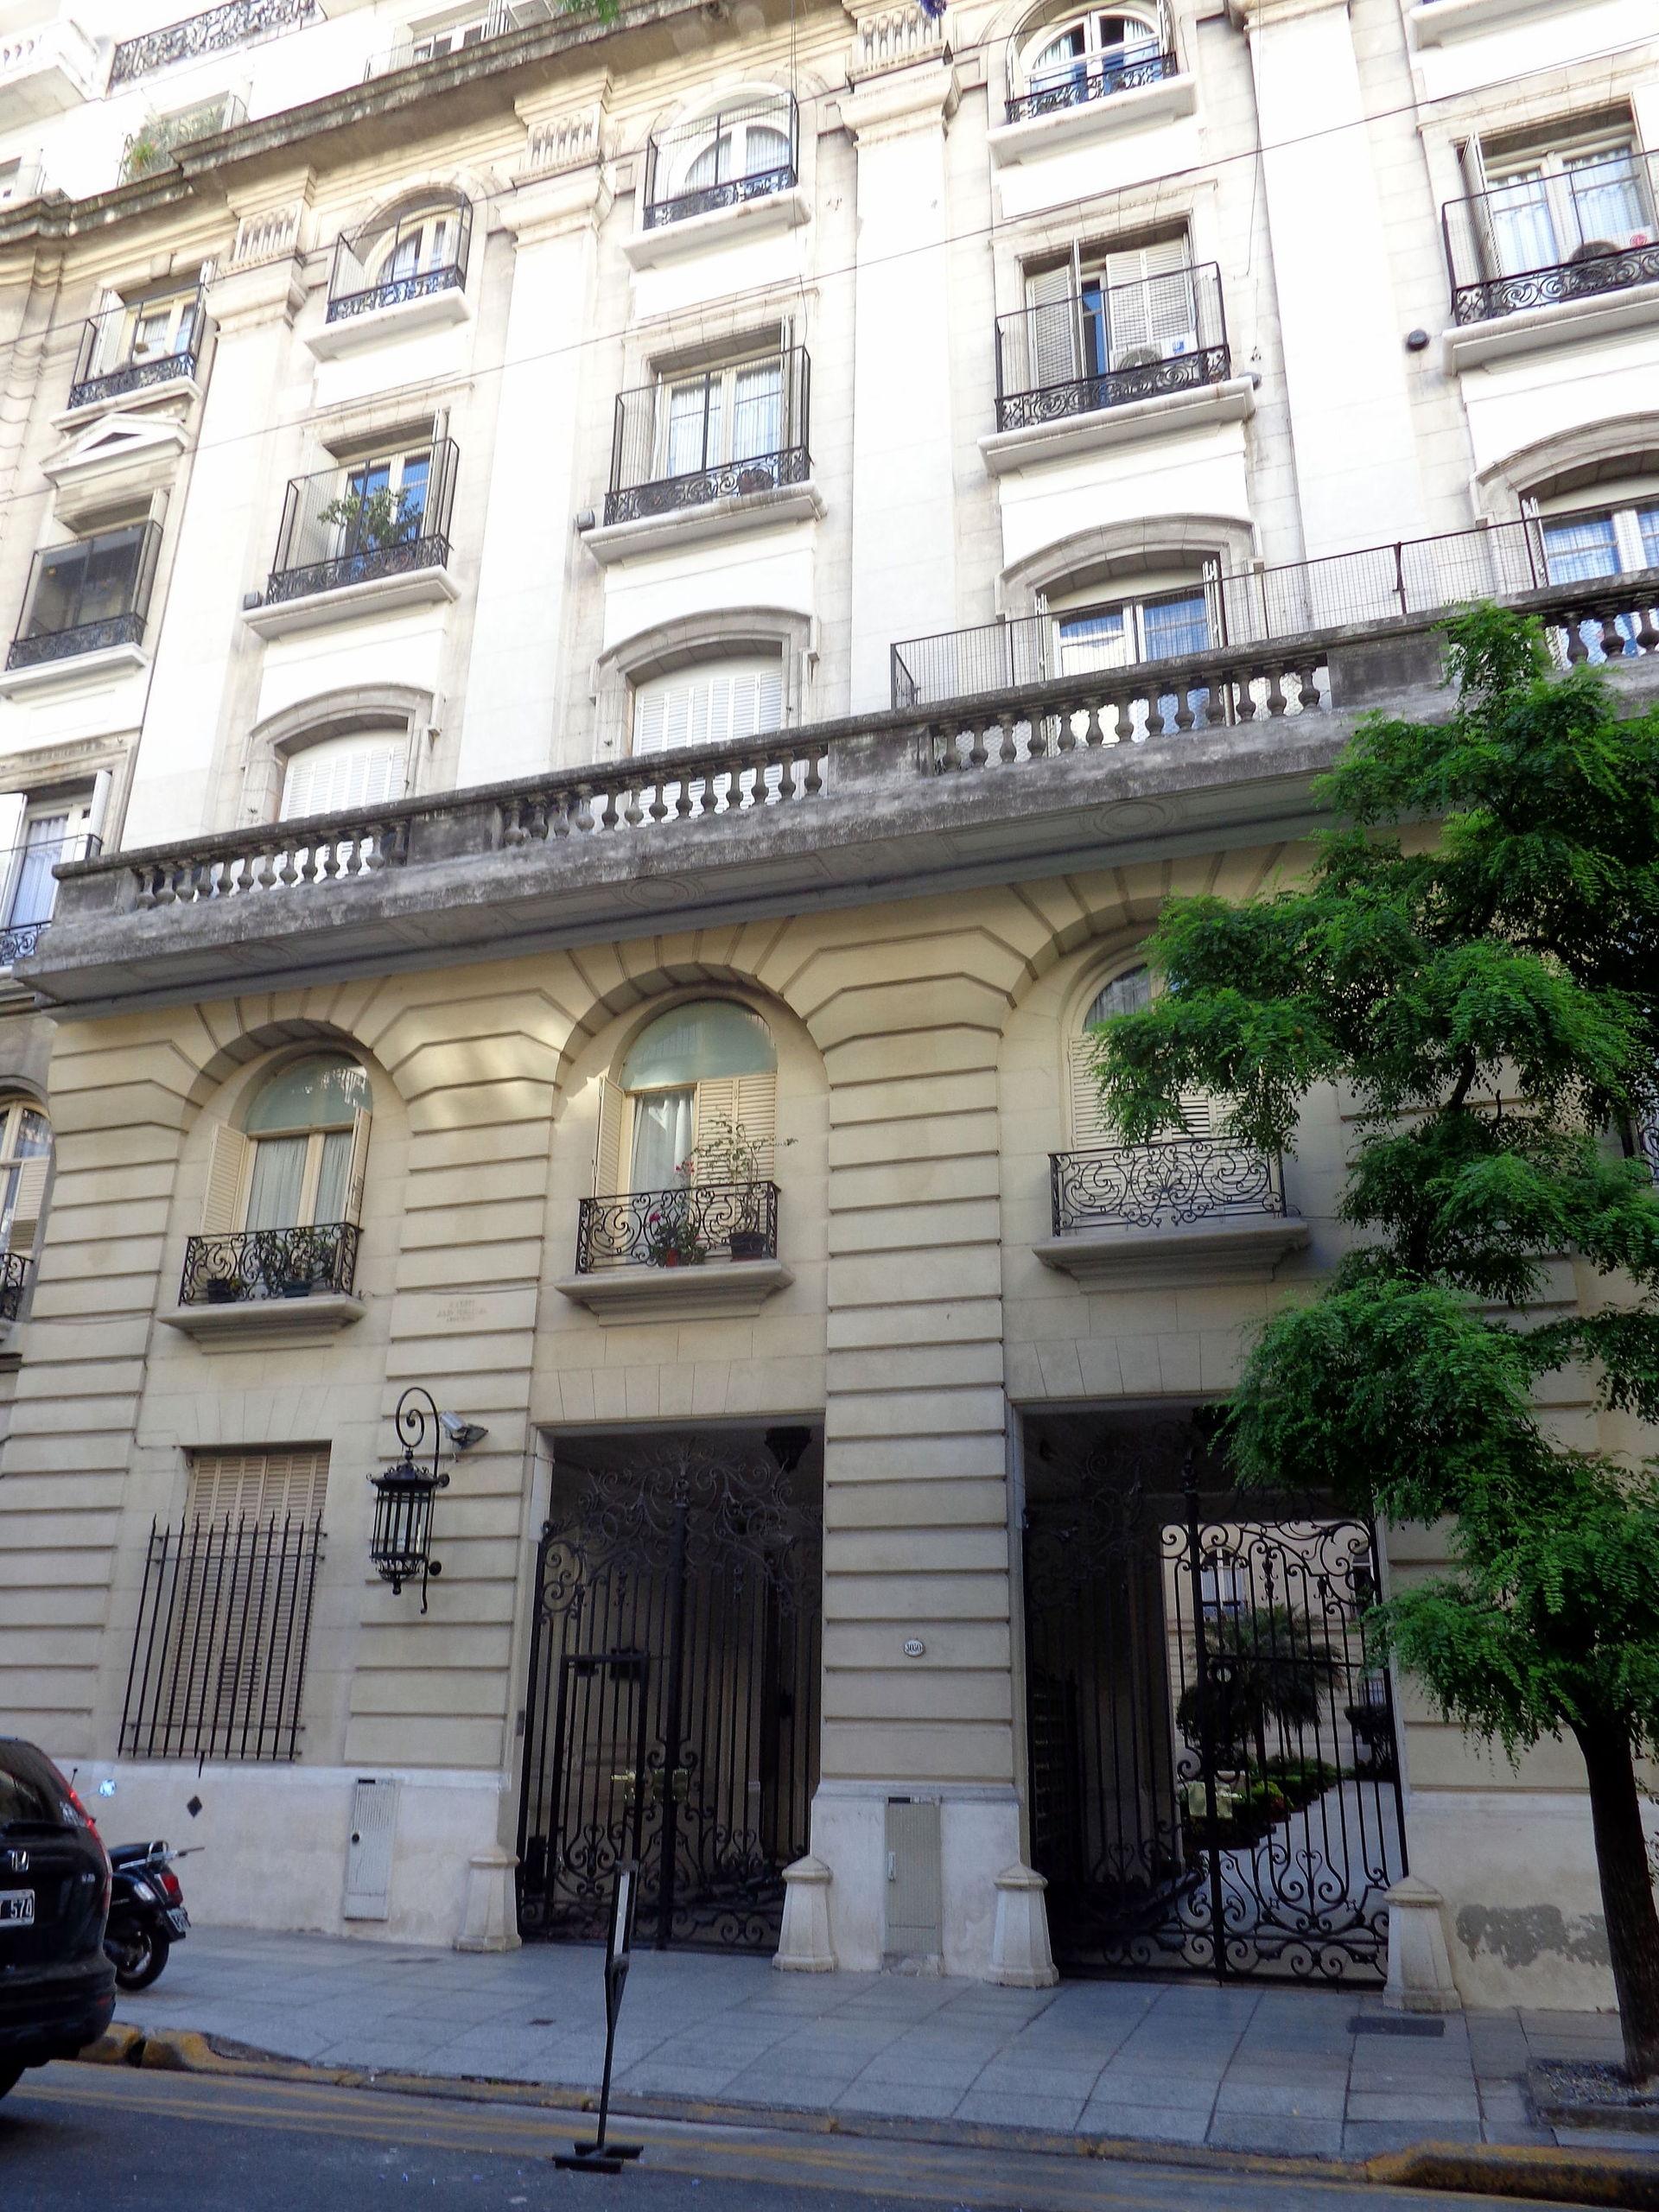 Palacio de los Patos  Wikipedia la enciclopedia libre